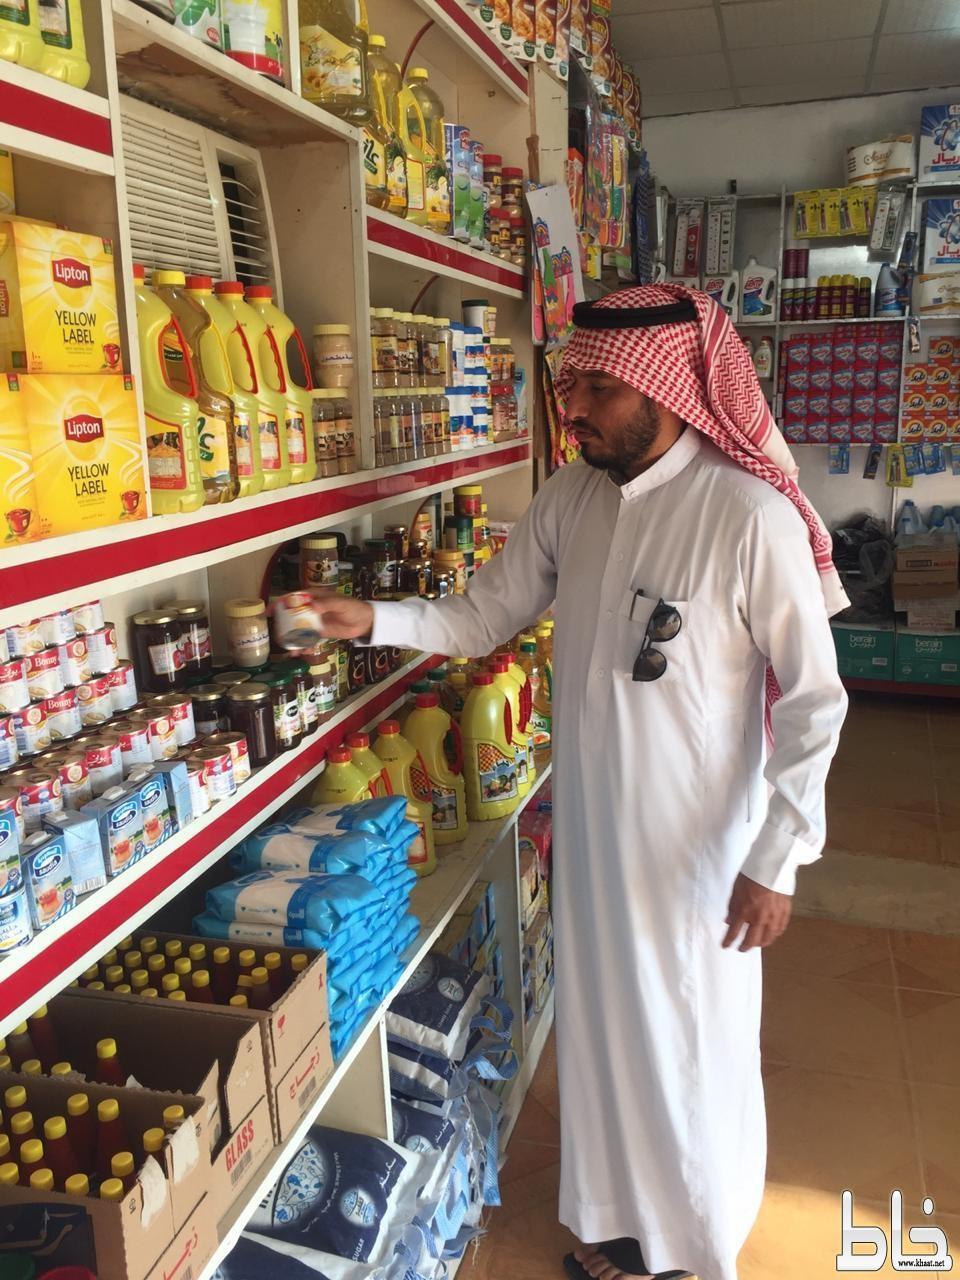 بلدية بارق تواصل جولات غذاؤكم أمانة ببارق والمنظر و ربيعة